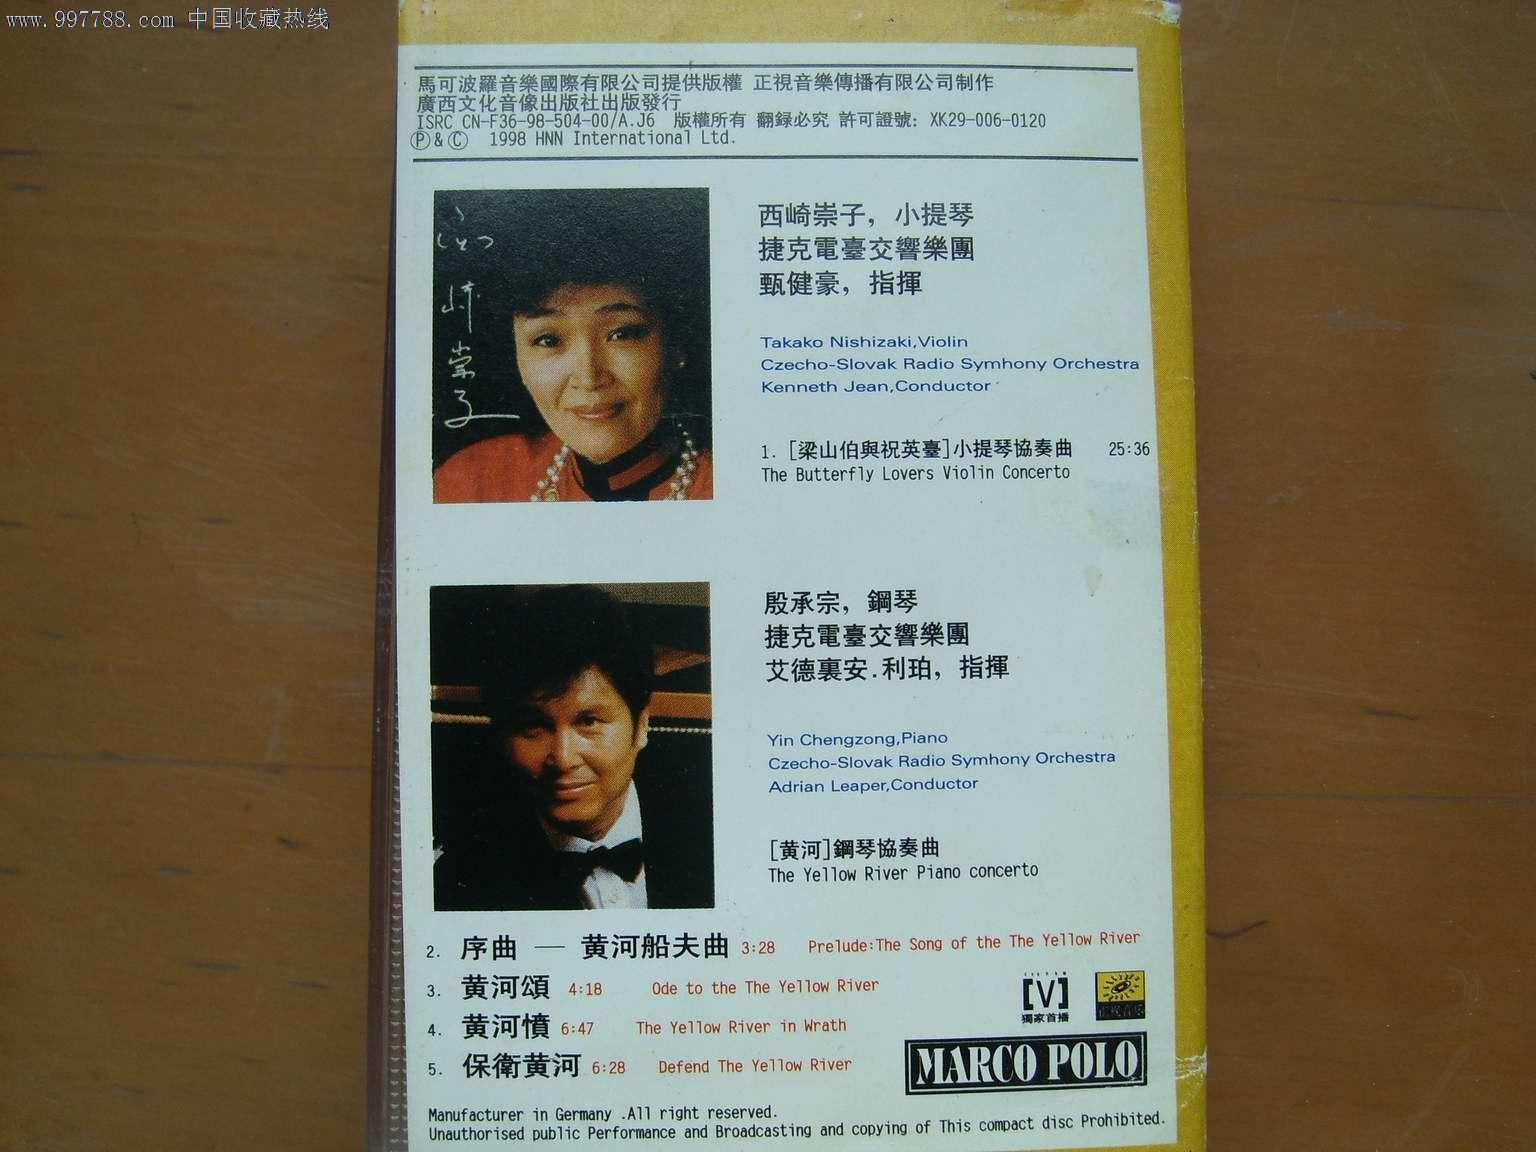 黄河/梁祝(西崎崇子-小提琴,殷承宗-钢琴,捷克电子交响乐团)